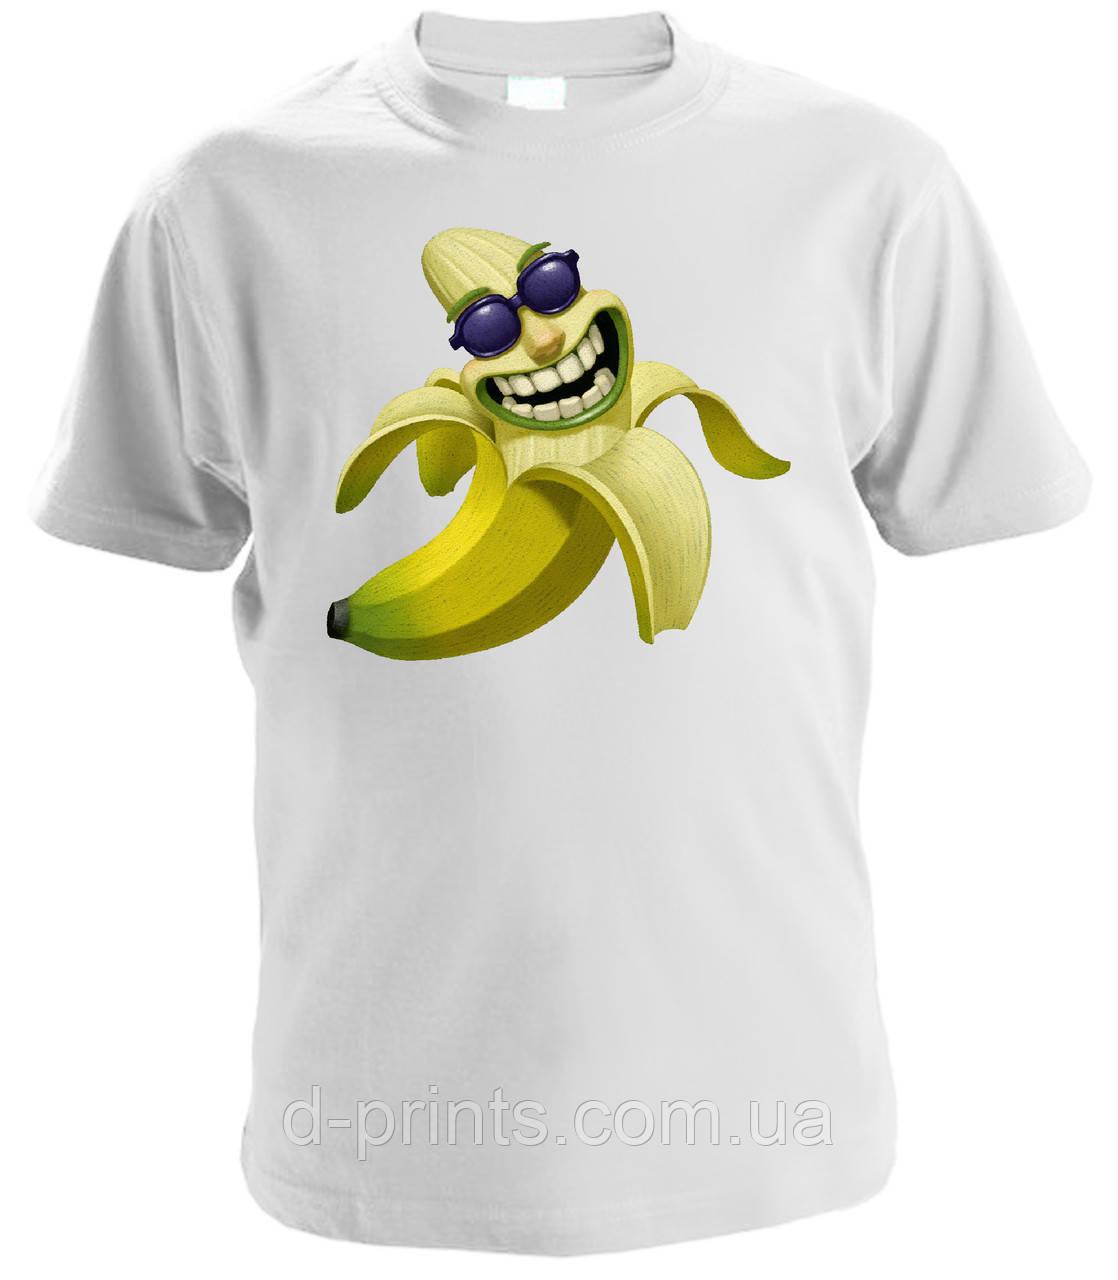 """Футболка детская с рисунком """"Банан"""""""